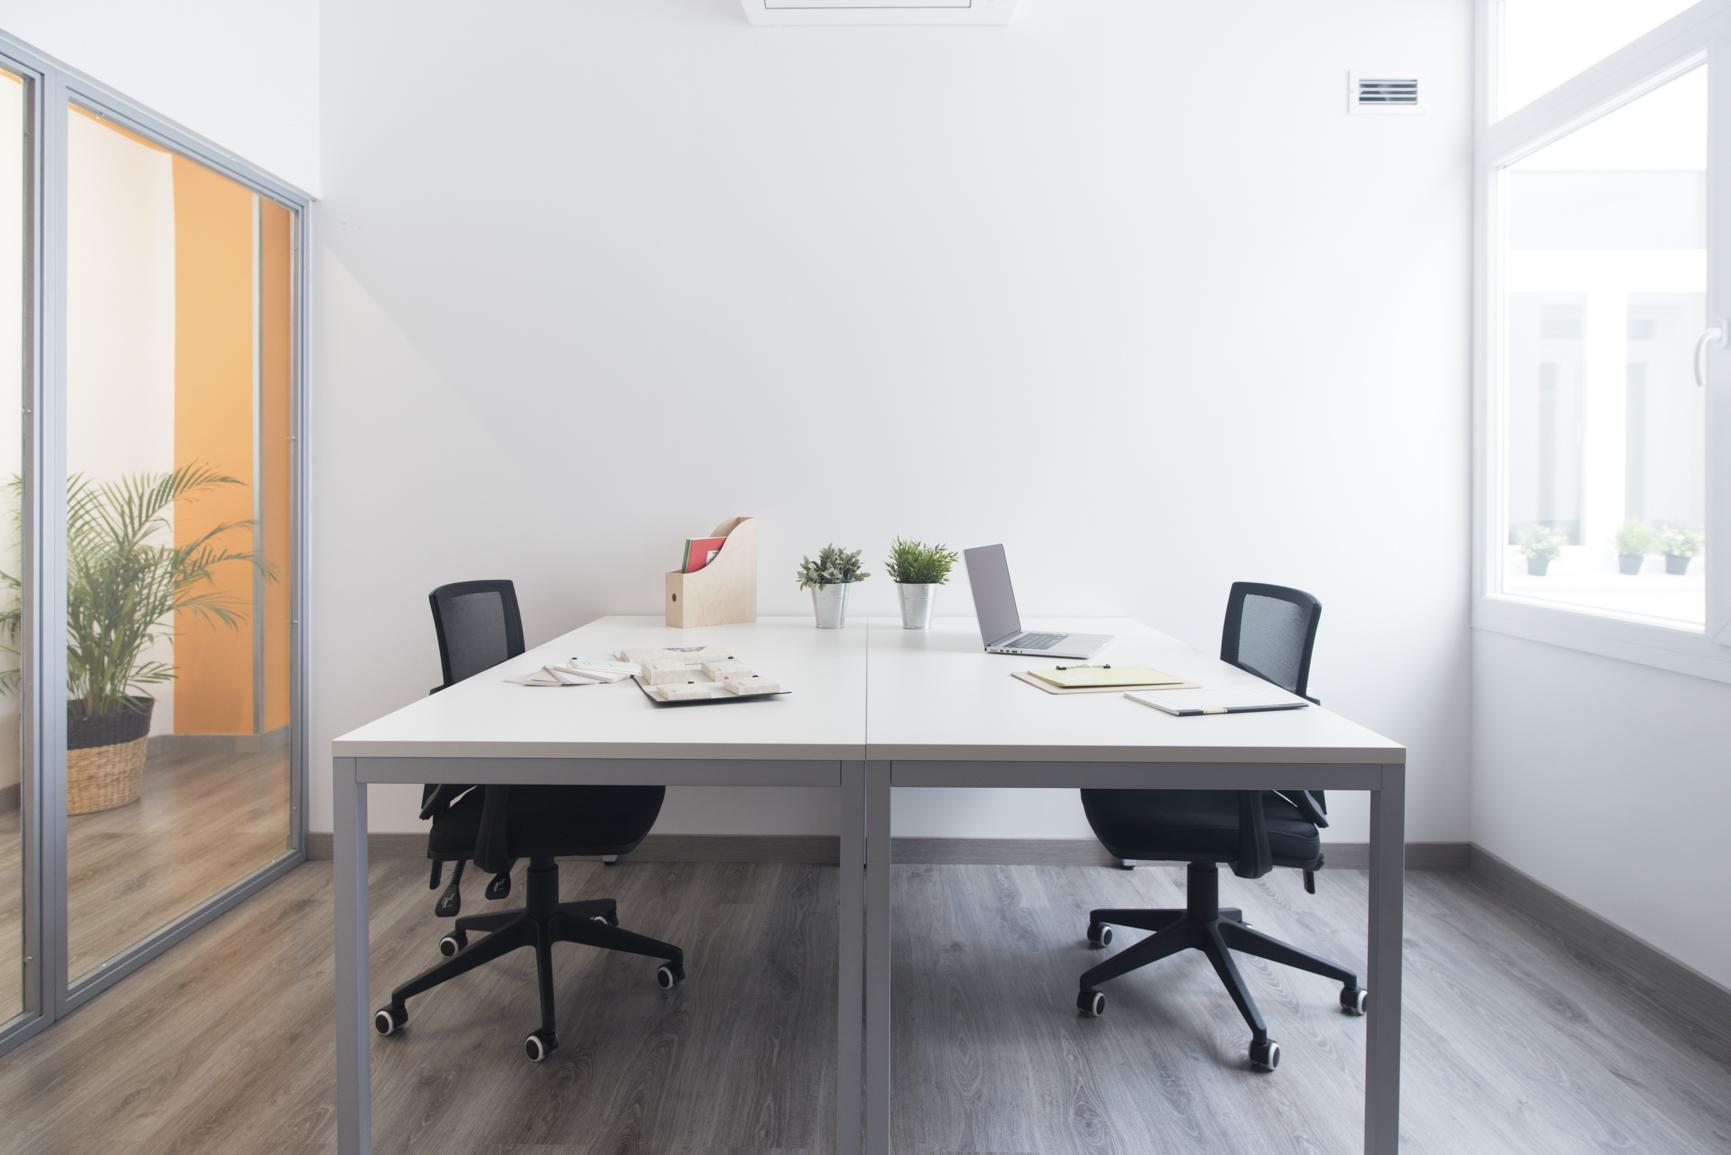 Oficinas coworking madrid alquiler de espacios for Real madrid oficinas telefono